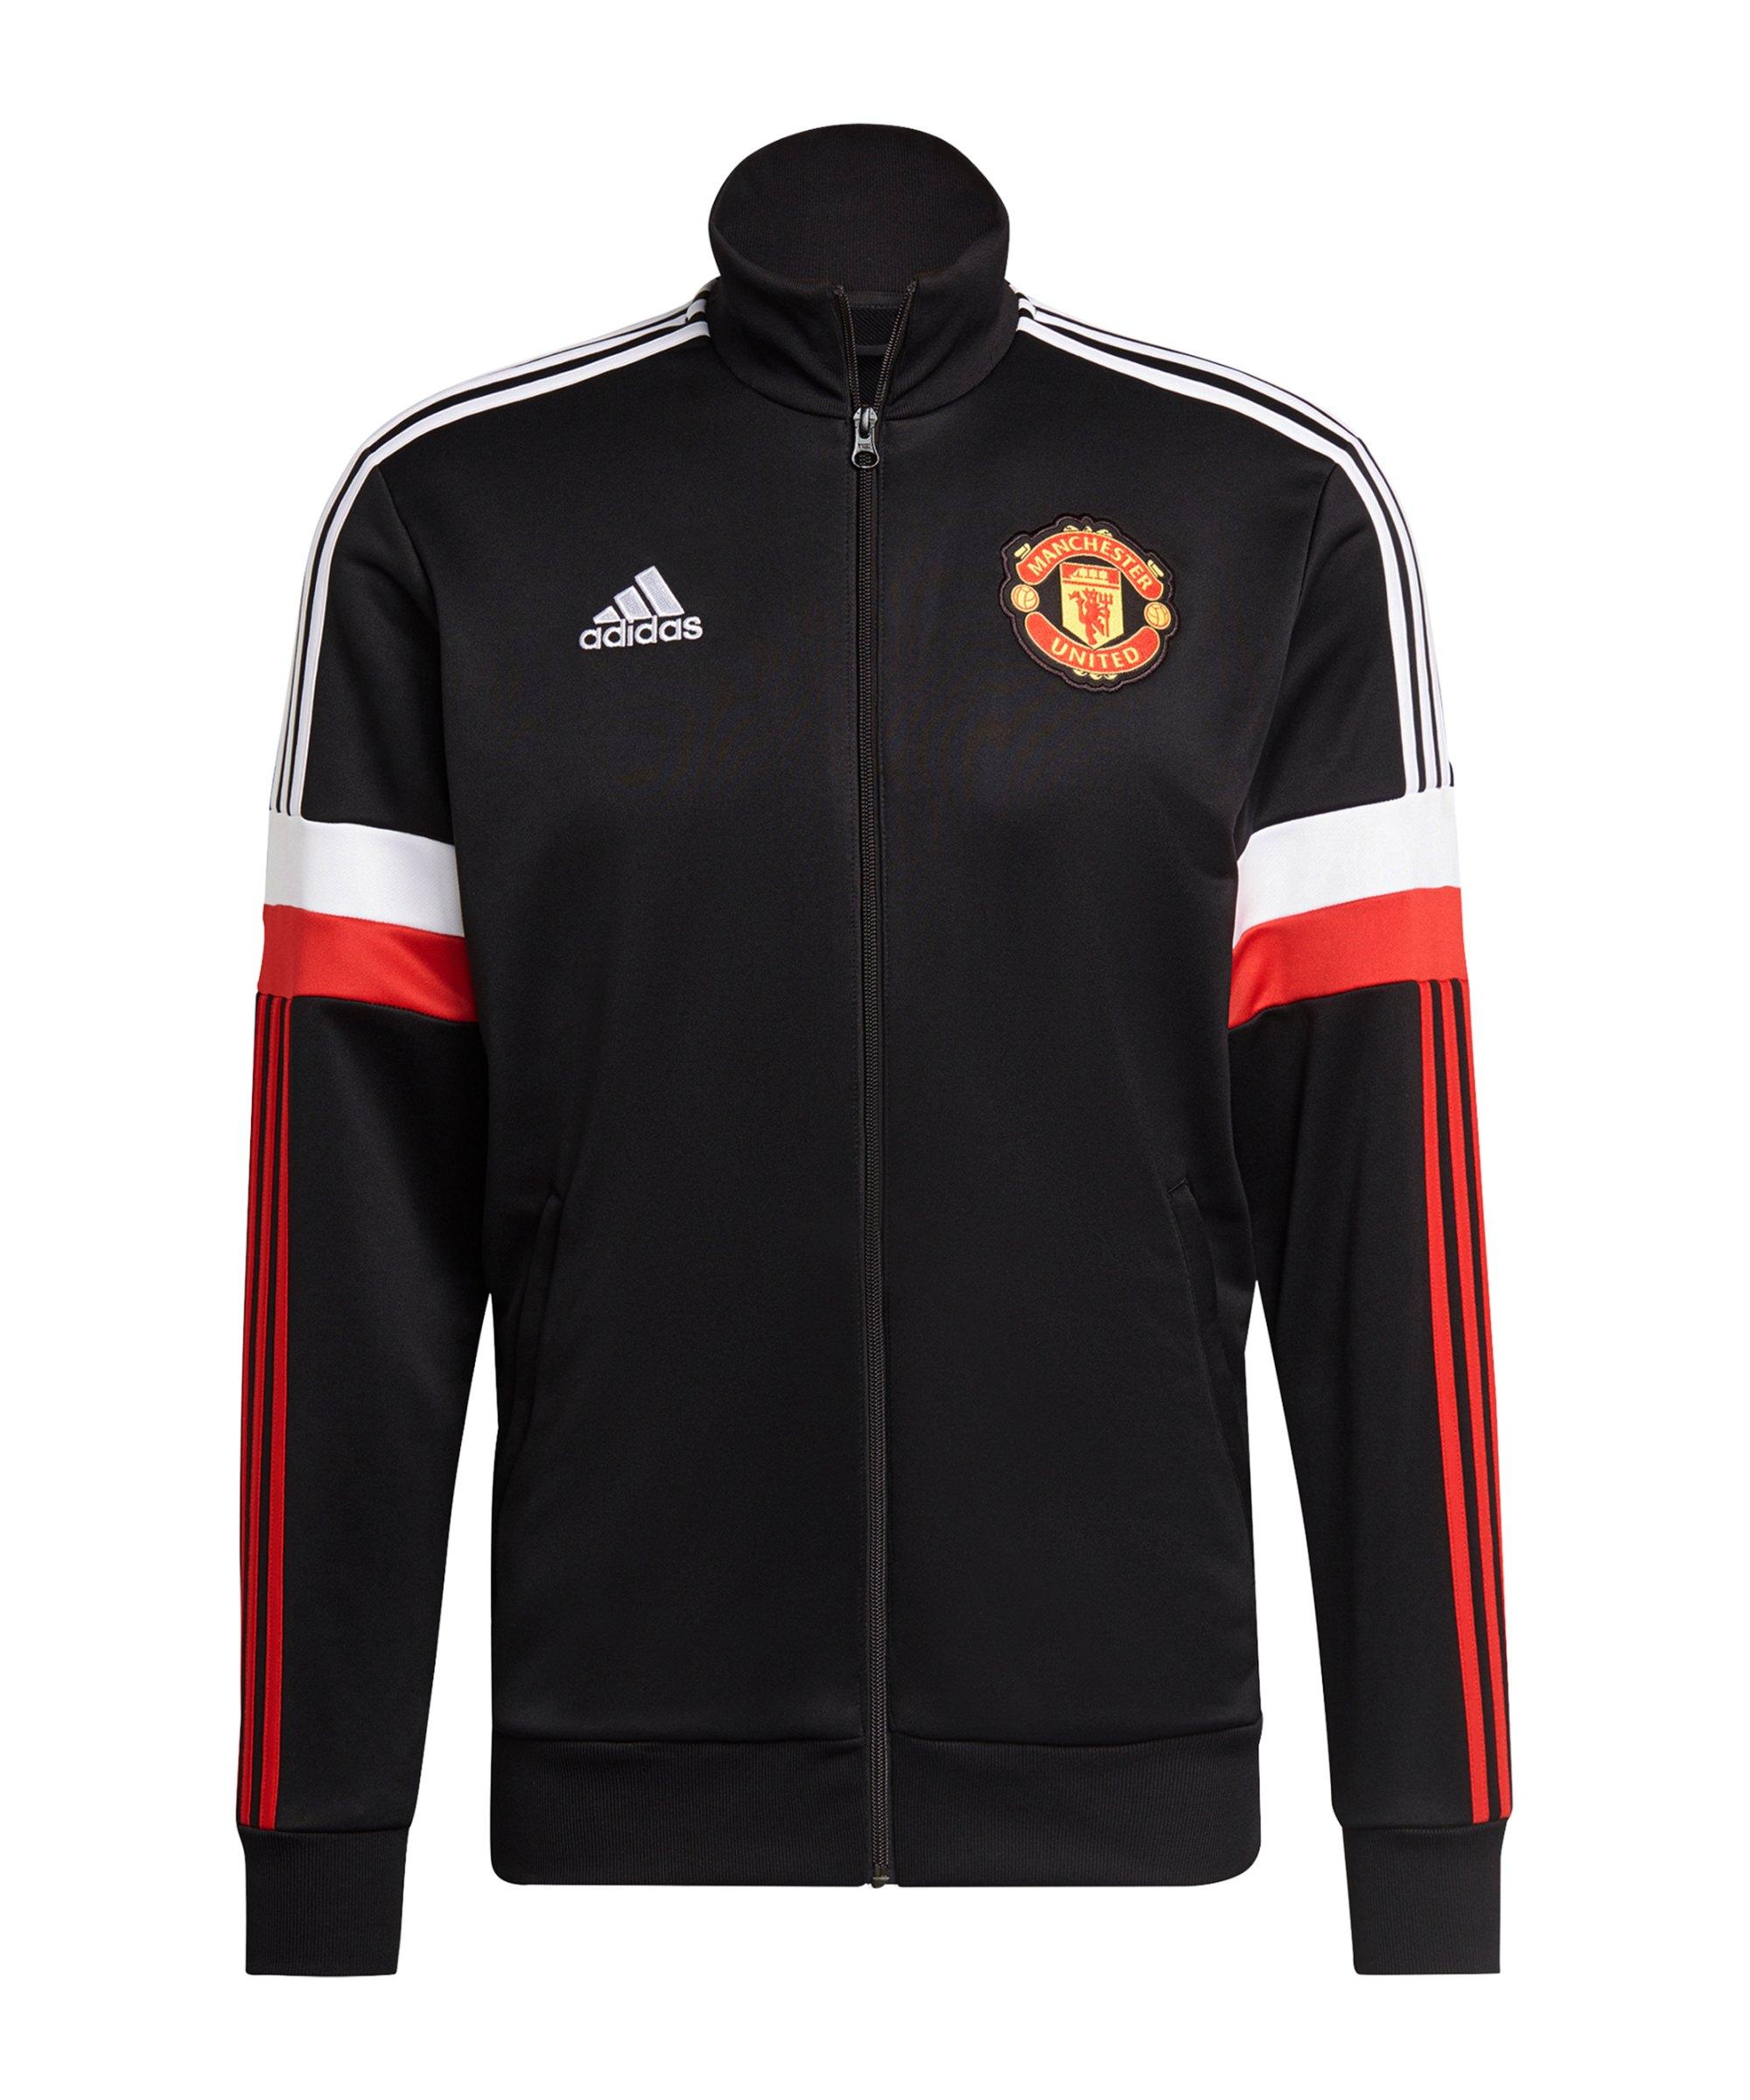 adidas Manchester United 3S Tracktop Jacke Schwarz - schwarz